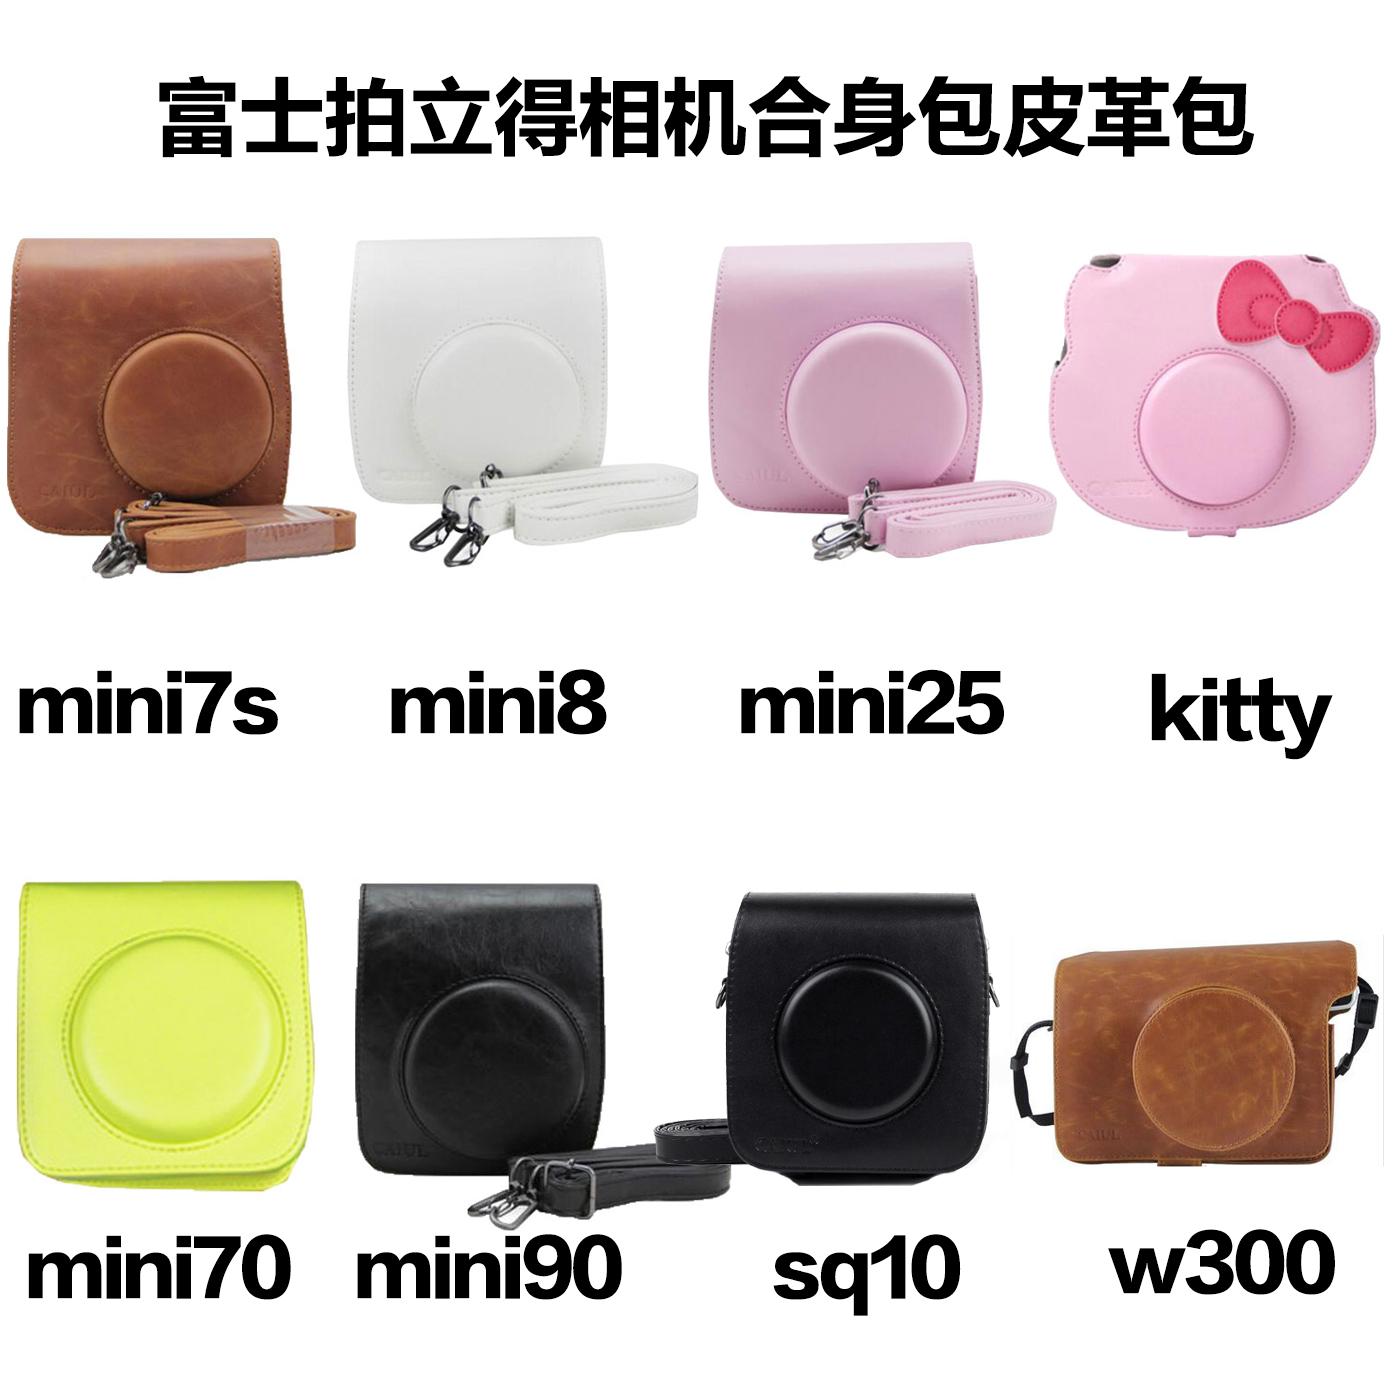 11月17日最新优惠包邮 拍立得相机皮革包mini7 8 9 25 70 90 SQ10复古棕色相机